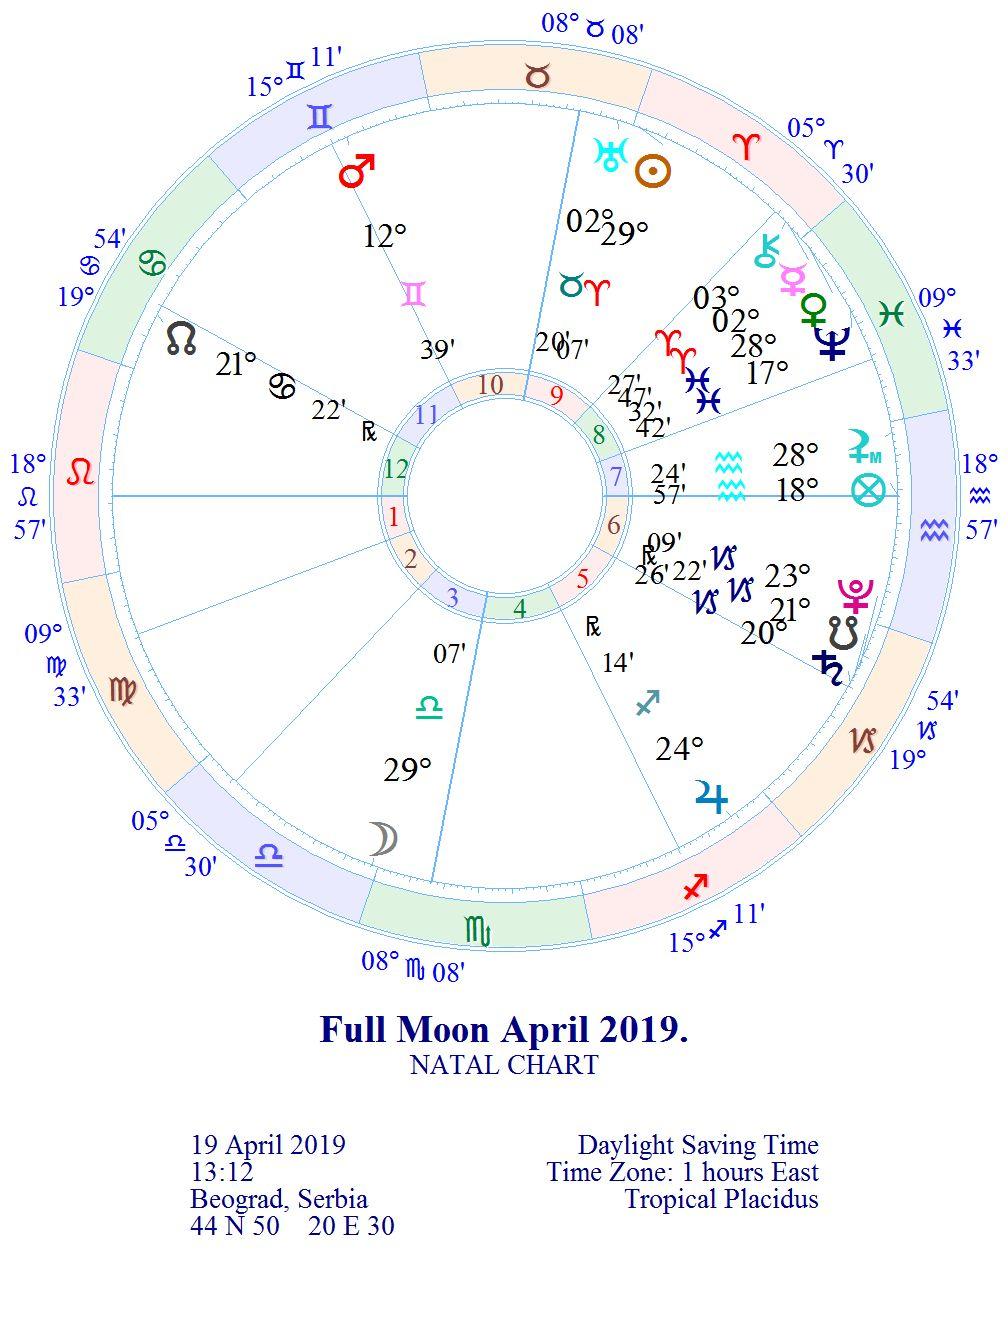 """NOVI LUNARNI CIKLUS 1. lunarni dan """"Svetiljka"""" 05.04. u 10:50 *MLAD MESEC 15° OVNA"""